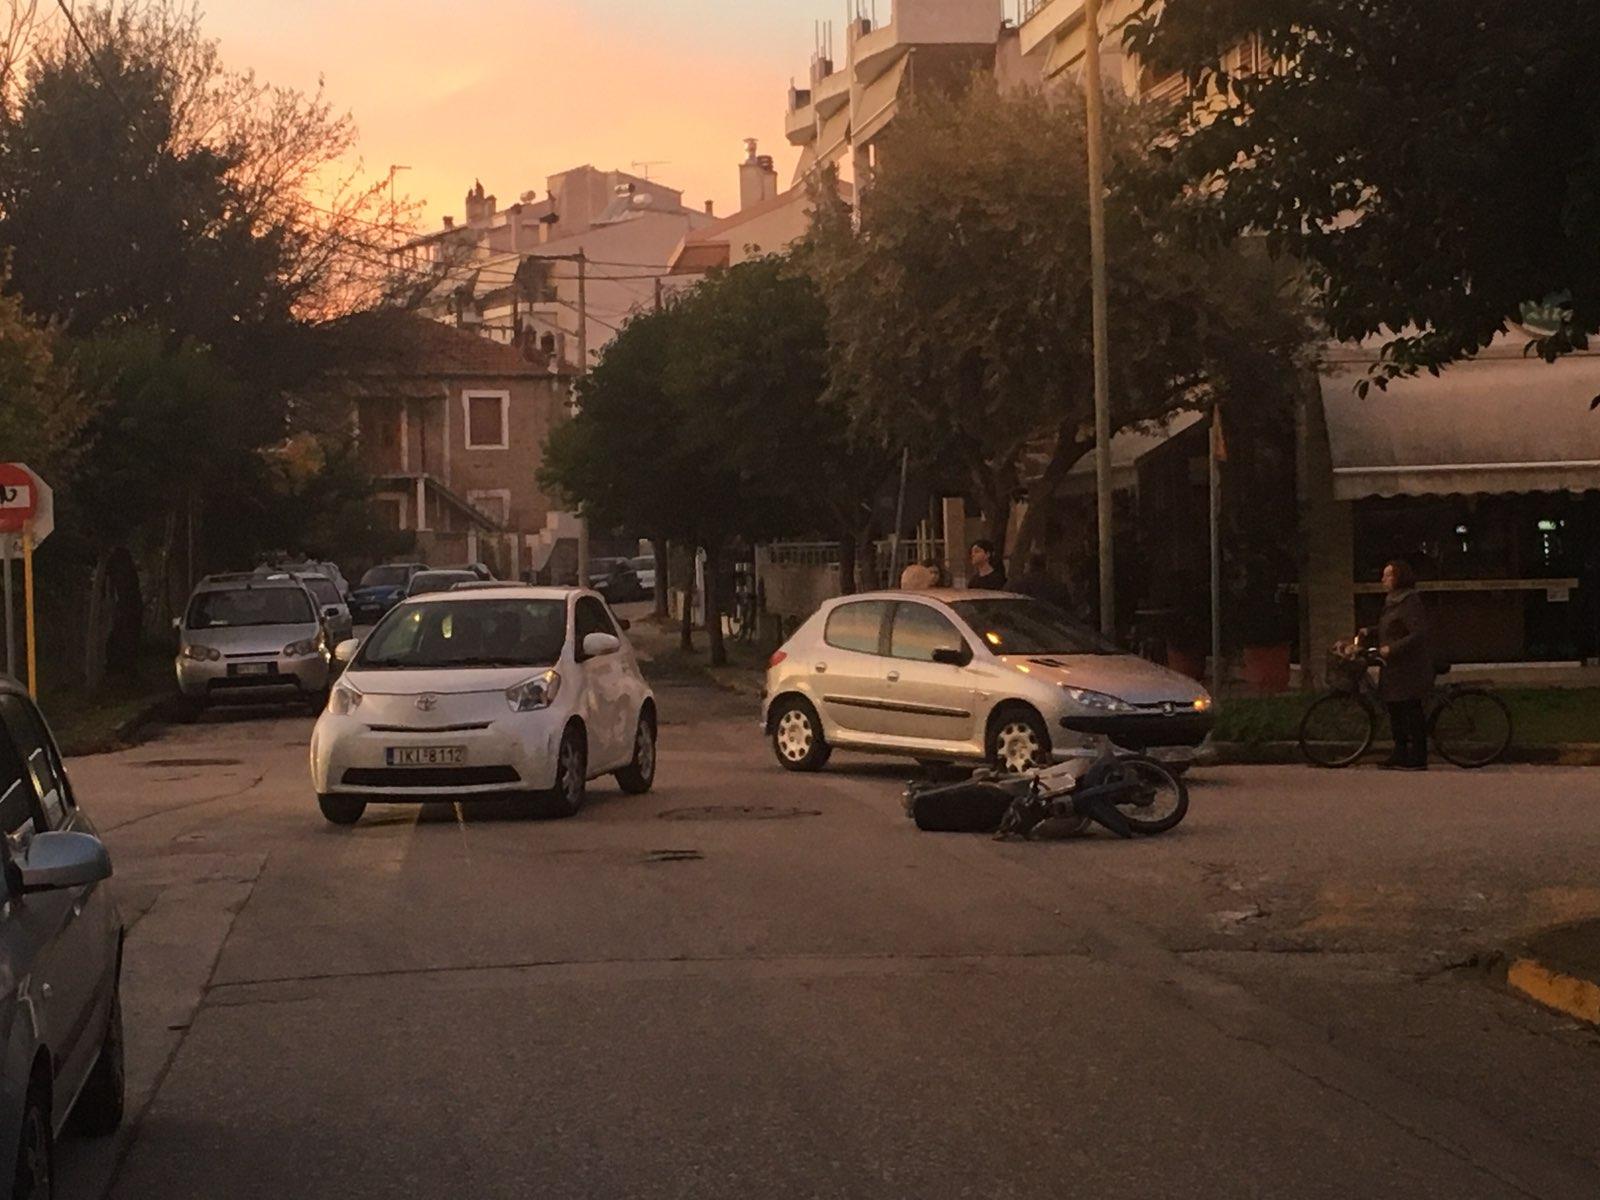 Αυτοκίνητο χτύπησε μηχανάκι σε διασταύρωση-καρμανιόλα (φώτο)